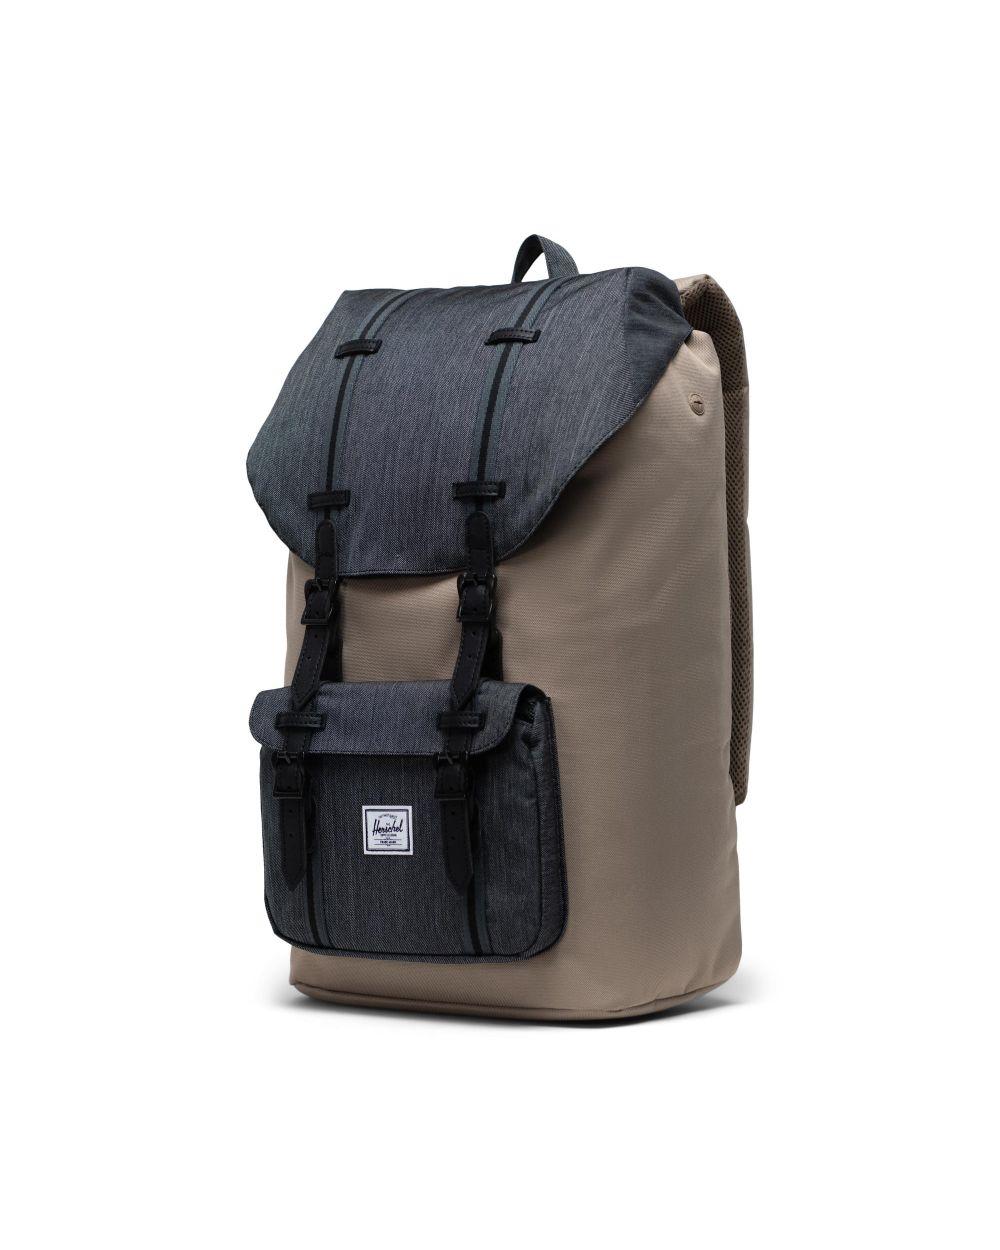 Herschel little america backpack in denim and beige